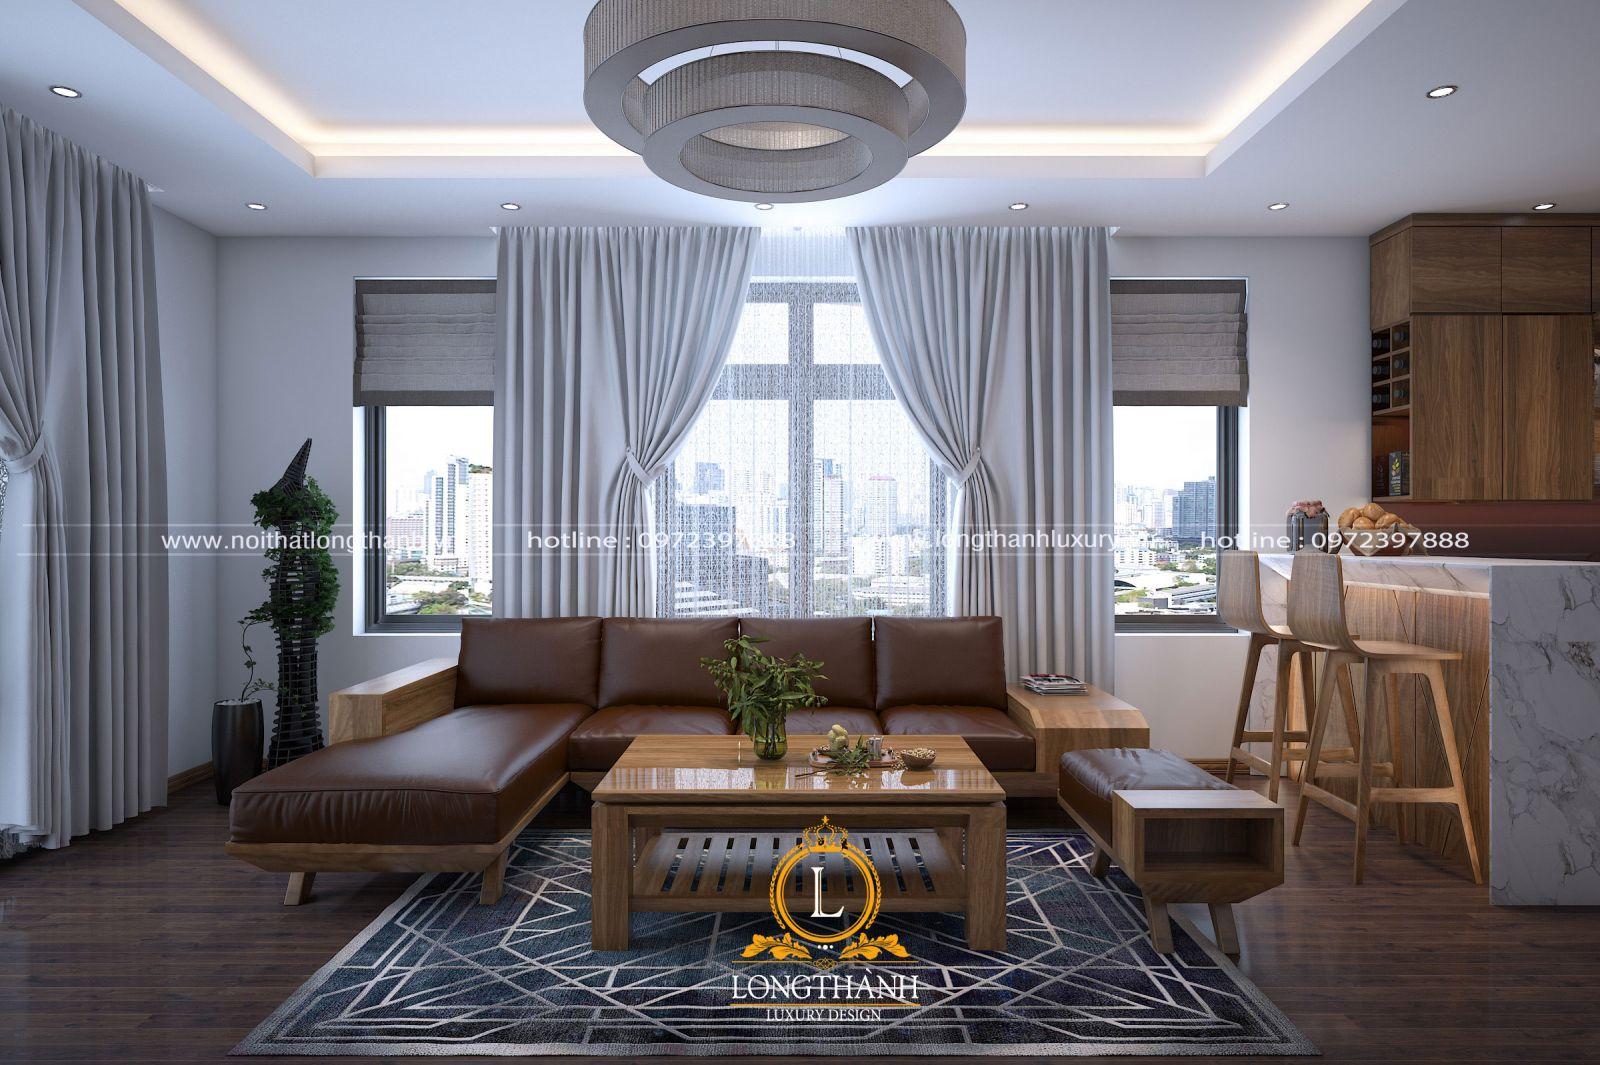 Thiết kế nội thất cho phòng khách chung cư phong cách hiện đại